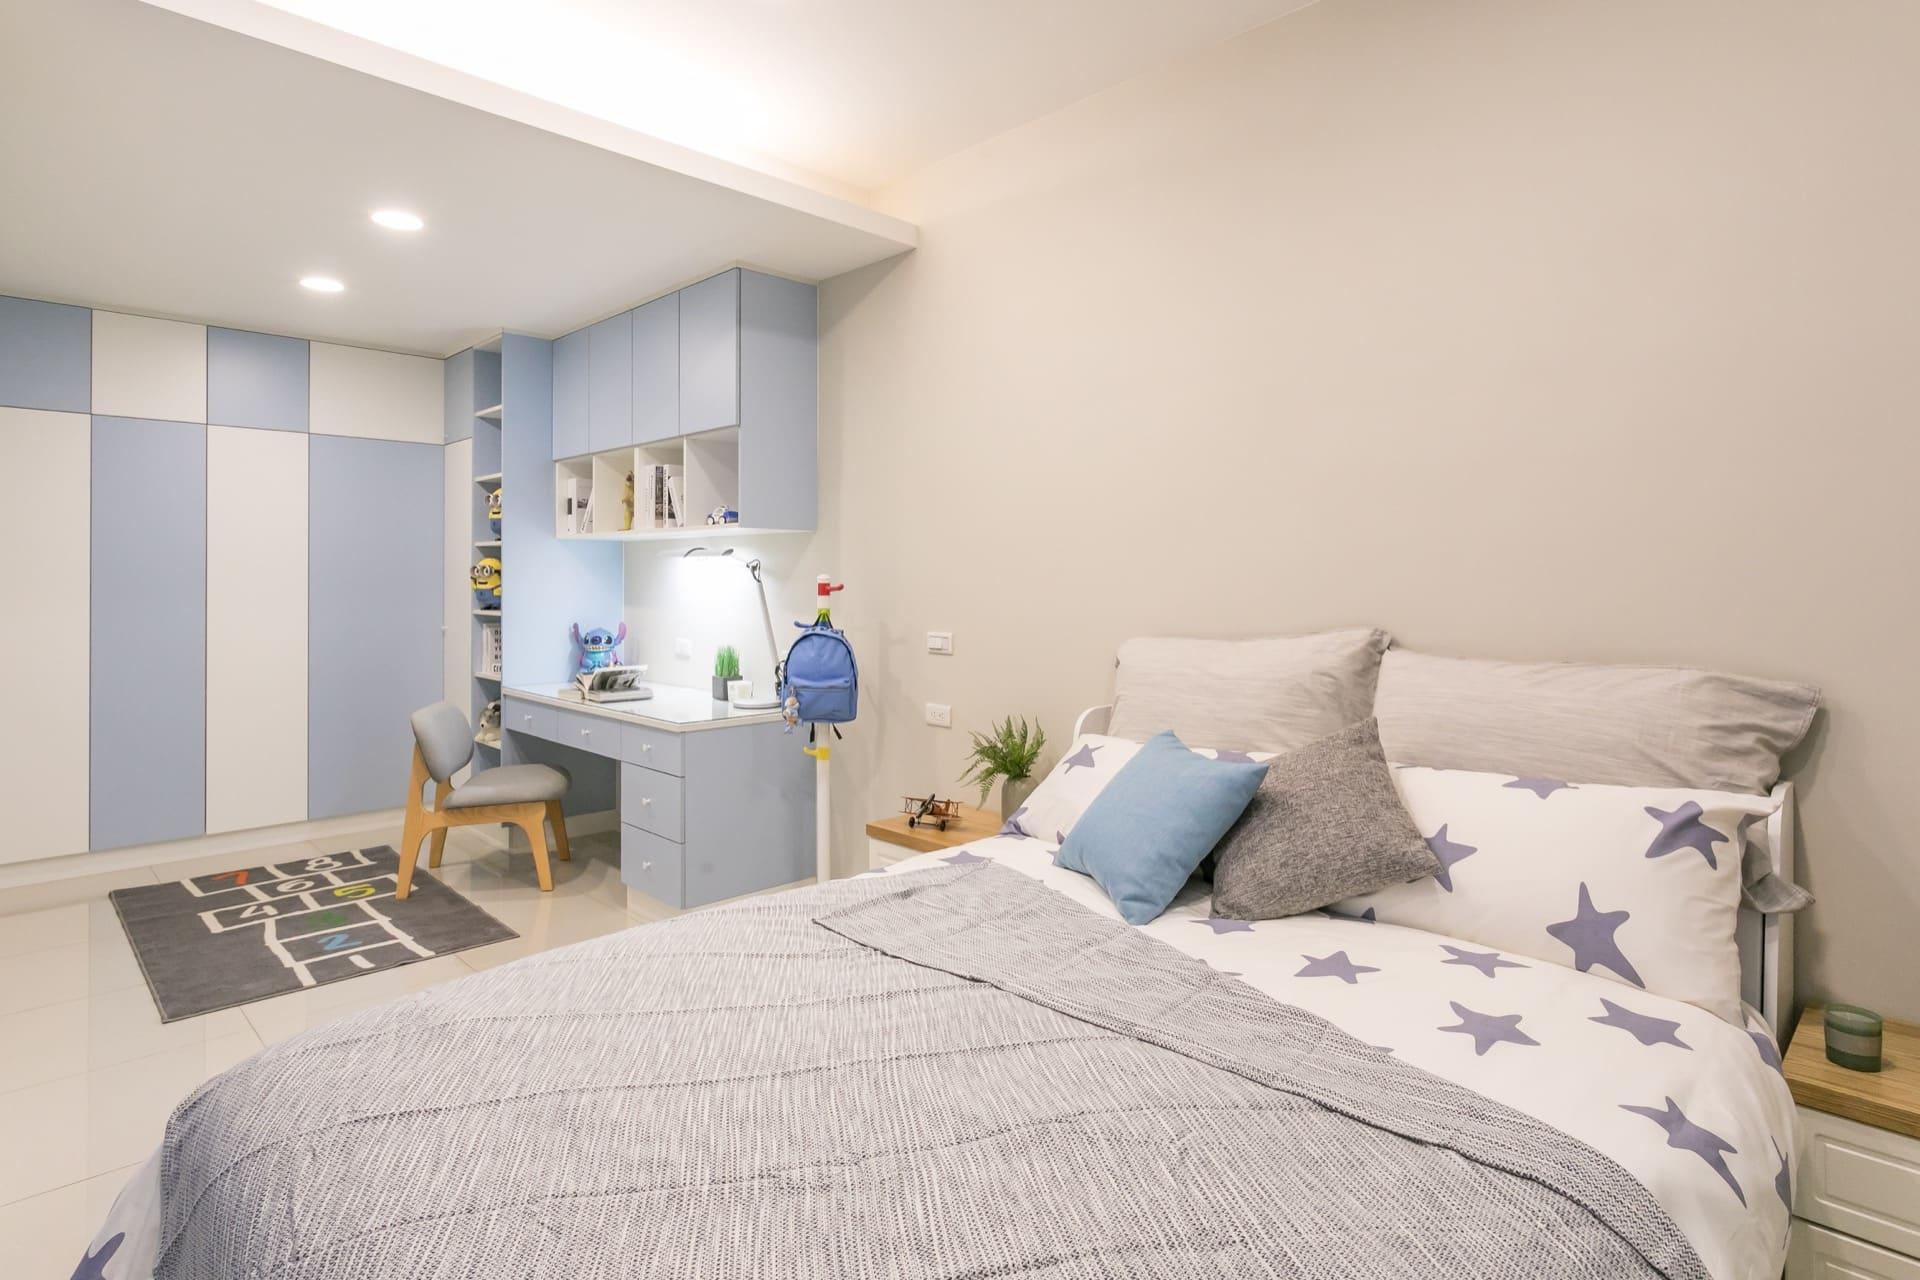 採用活潑藍色的男孩房,上方的橫樑以間接照明做為隱藏